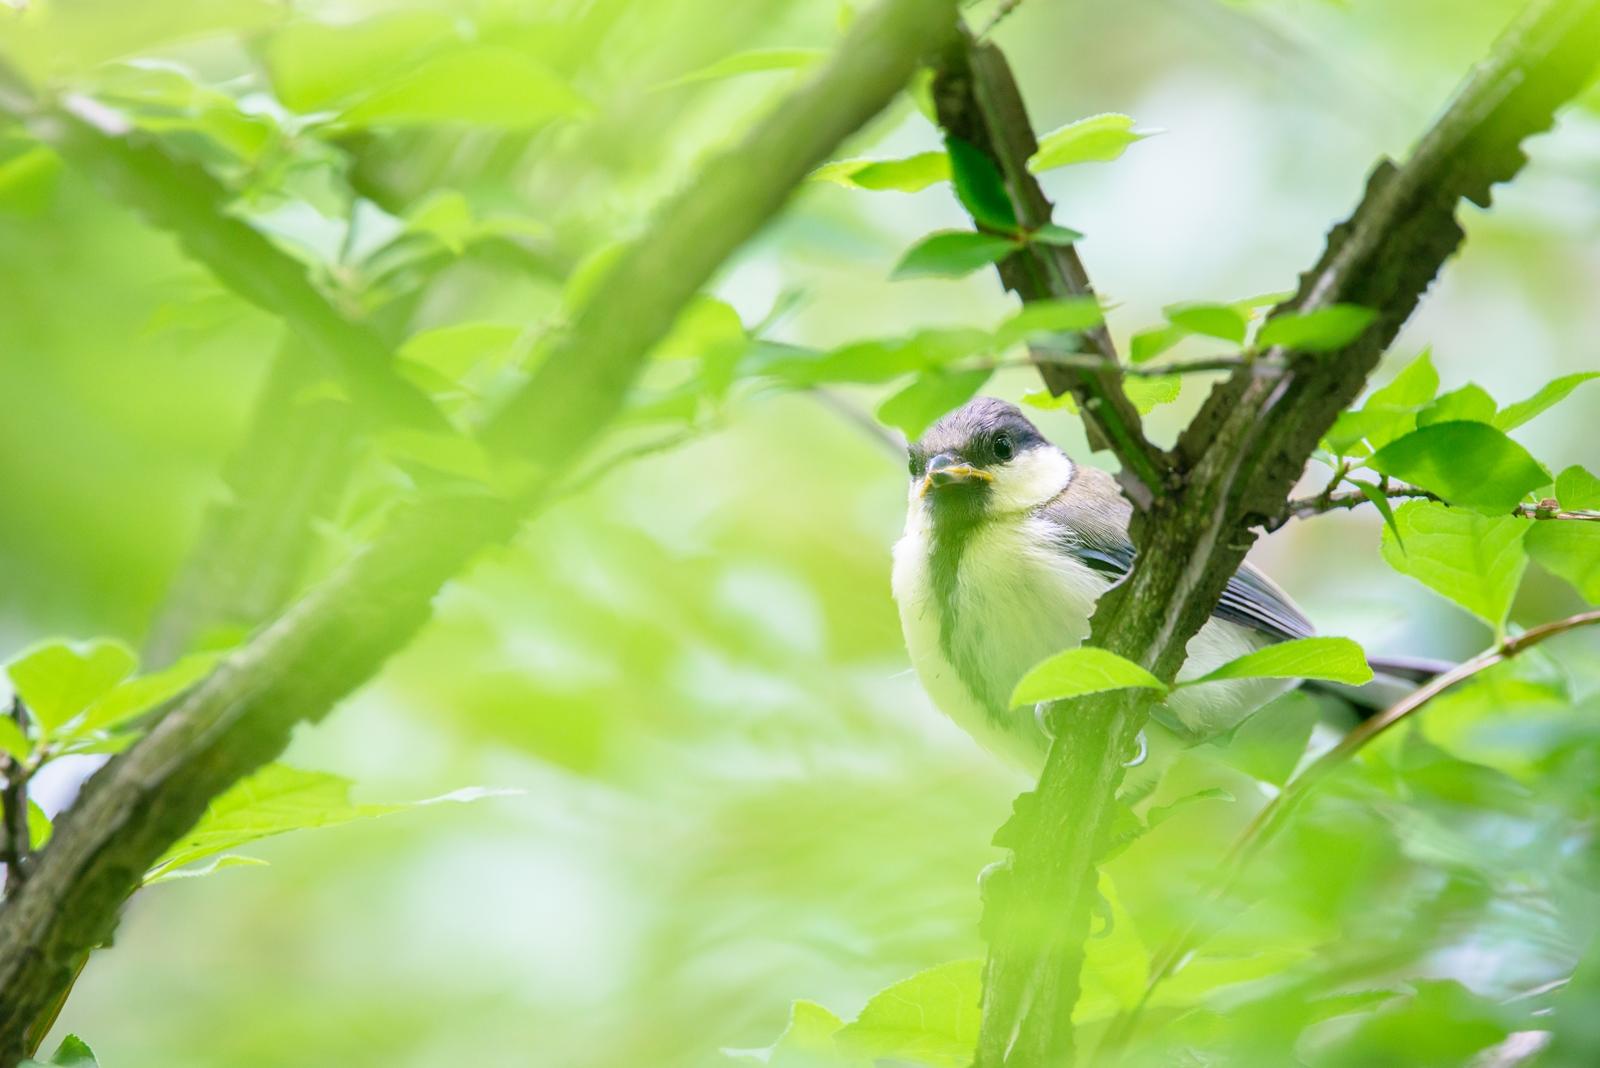 Photo: 視線 Feel your stare.  感じる視線 じっと様子を伺っている 不安と好奇心 膨らむ知りたいという気持ち  Japanese Tit. (シジュウカラ)  #birdphotography #birds #cooljapan #kawaii #nikon #sigma  Nikon D800E SIGMA 150-600mm F5-6.3 DG OS HSM Contemporary  SIGMAさんより先月発売された 新しいレンズを使い始めました。 これまでのレンズよりも世代もぐ~んと新しくなり、 光学性能もだいぶ進化しているようで フォーカスの当たる面の像が とってもくっきりと現れてくれます。 今後の撮影もとても楽しみです♪  ・小鳥の詩朗読 /poetry reading https://youtu.be/r9Io8eCH9AI?list=PL2YtHGm0-R3qVsaqvQe9OYdJFCkI98wzF